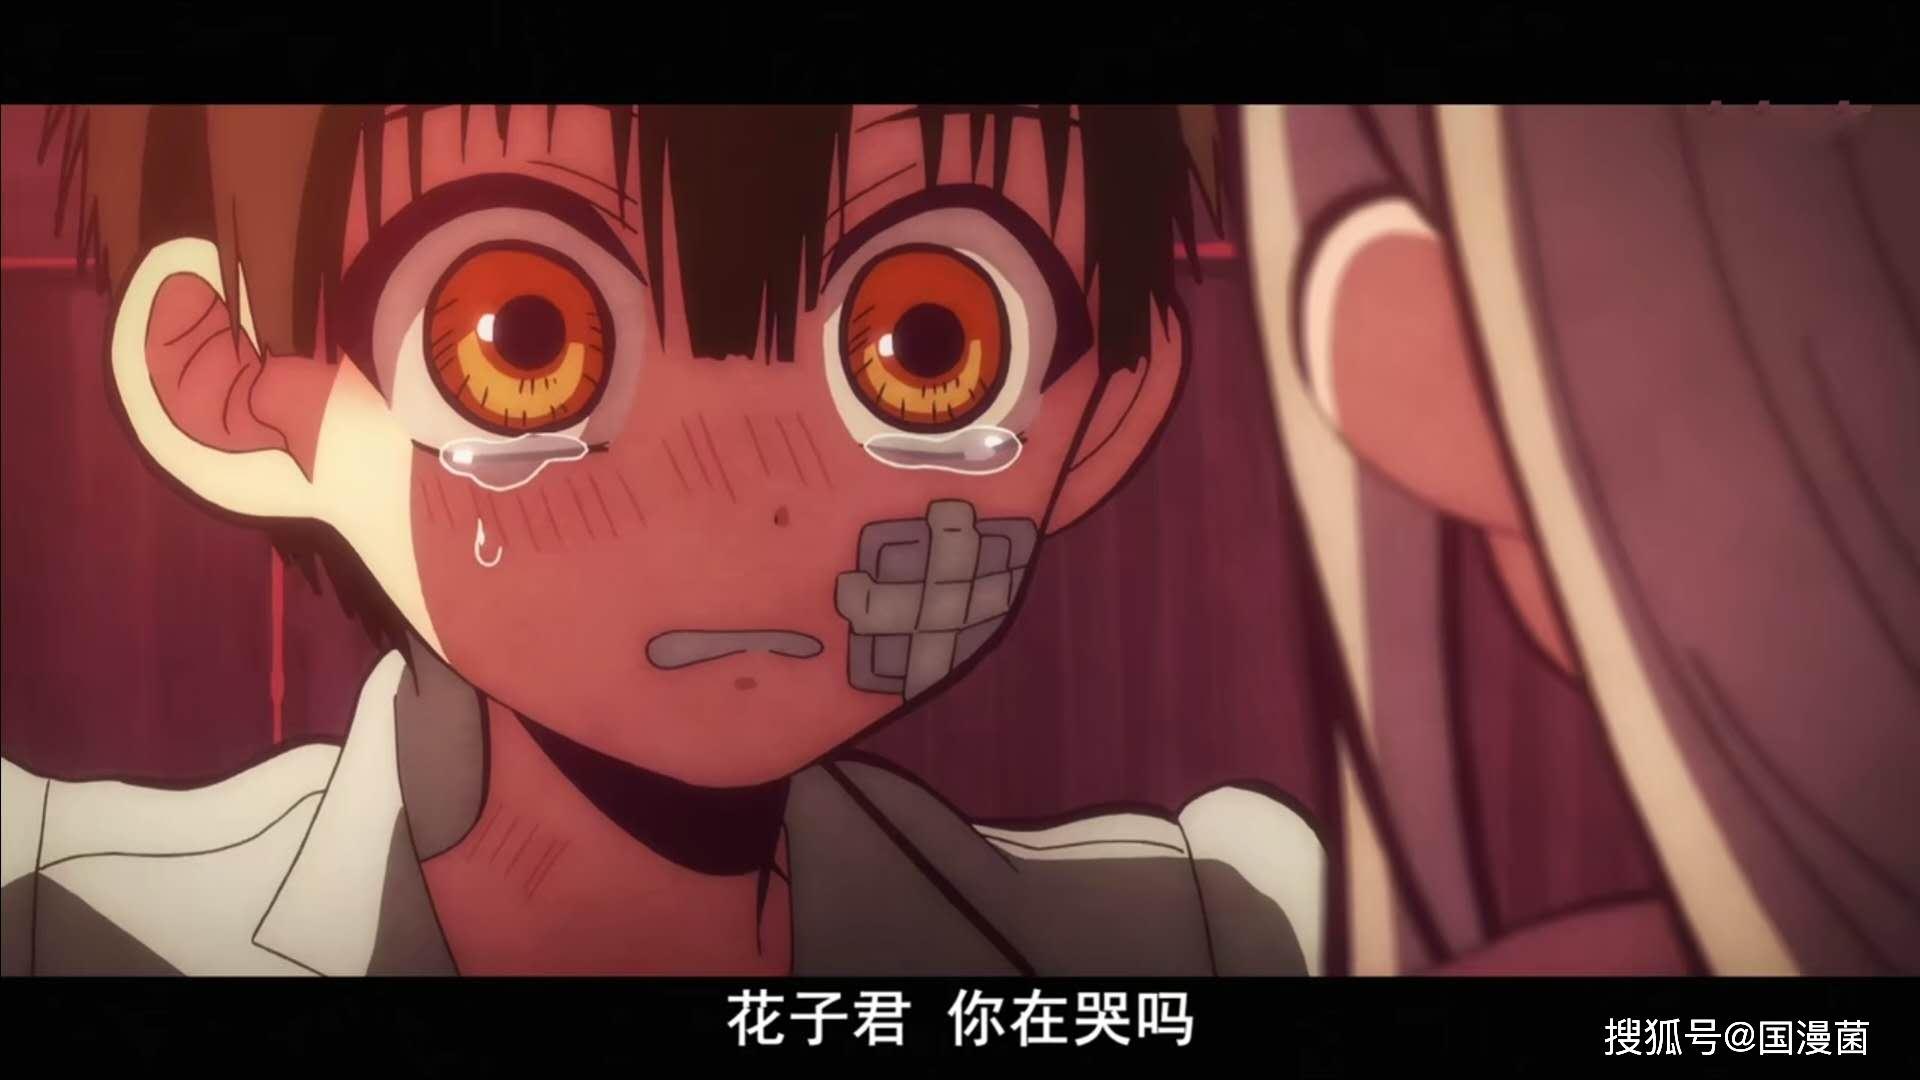 地缚少年花子君第9话:好吃不过嫂子,司终向宁宁下口,樱学姐的身份公开